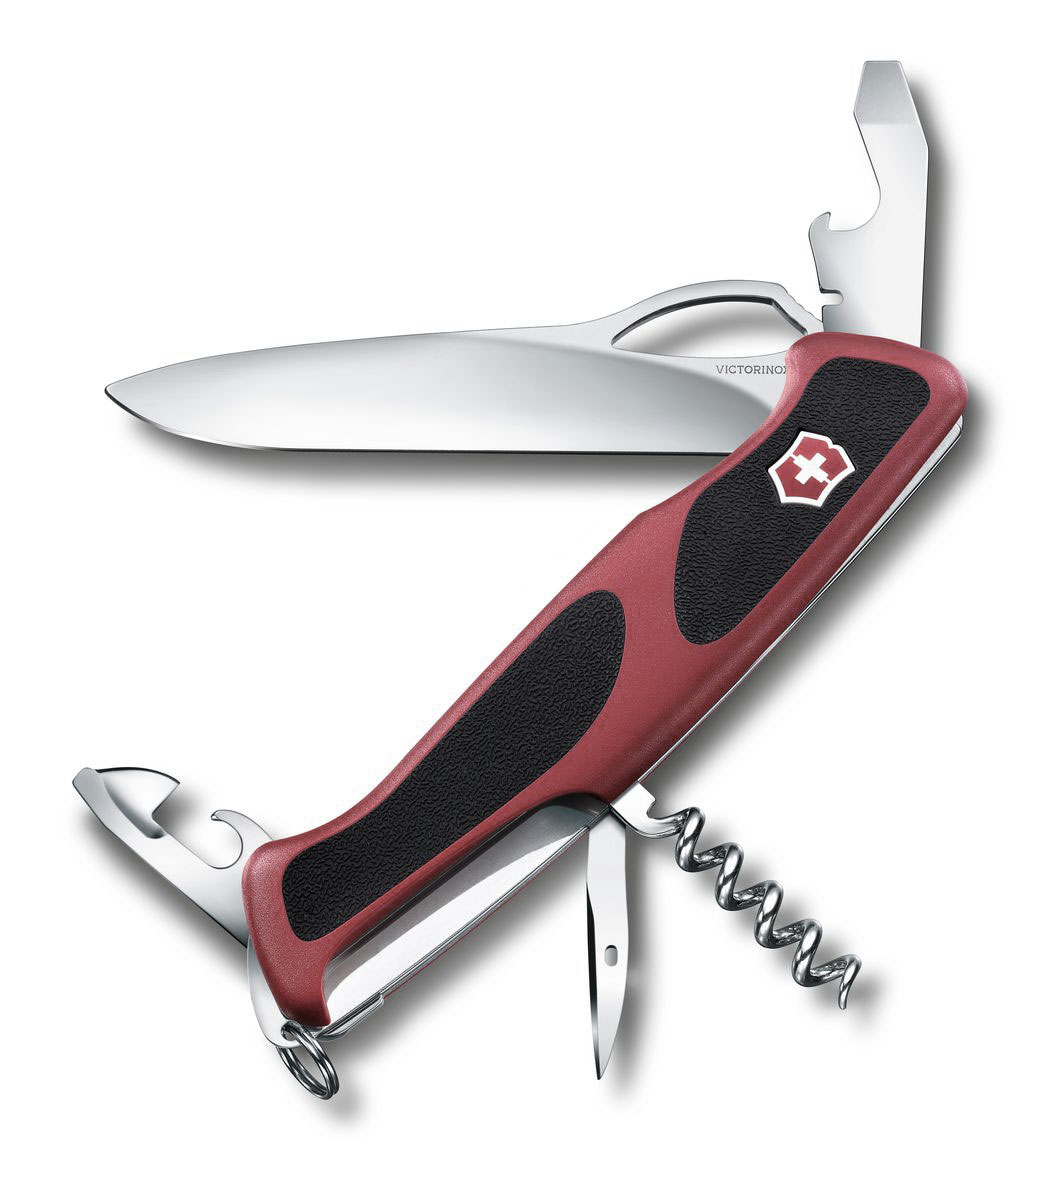 Нож перочинный Victorinox RangerGrip 61, цвет: красный, черный, 11 функций, 13 см0.9553.MCЛезвие перочинного складного ножа Victorinox RangerGrip 61 изготовлено из высококачественной нержавеющей стали. Ручка, выполненная из прочного пластика с резиновыми вставками, обеспечивает надежный и удобный хват.Хорошее качество, надежный долговечный материал и эргономичная рукоятка - что может быть удобнее на природе или на пикнике!Функции ножа:Фиксирующееся лезвие с петлей для открывания одной рукой.Консервный нож с малой отверткой.Открывалка для бутылок с фиксирующейся отверткой и инструментом для снятия изоляции.Шило, кернер.Штопор.Кольцо для ключей.Пинцет.Зубочистка.Длина ножа в сложенном виде: 13 см.Длина ножа в разложенном виде: 22,5 см.